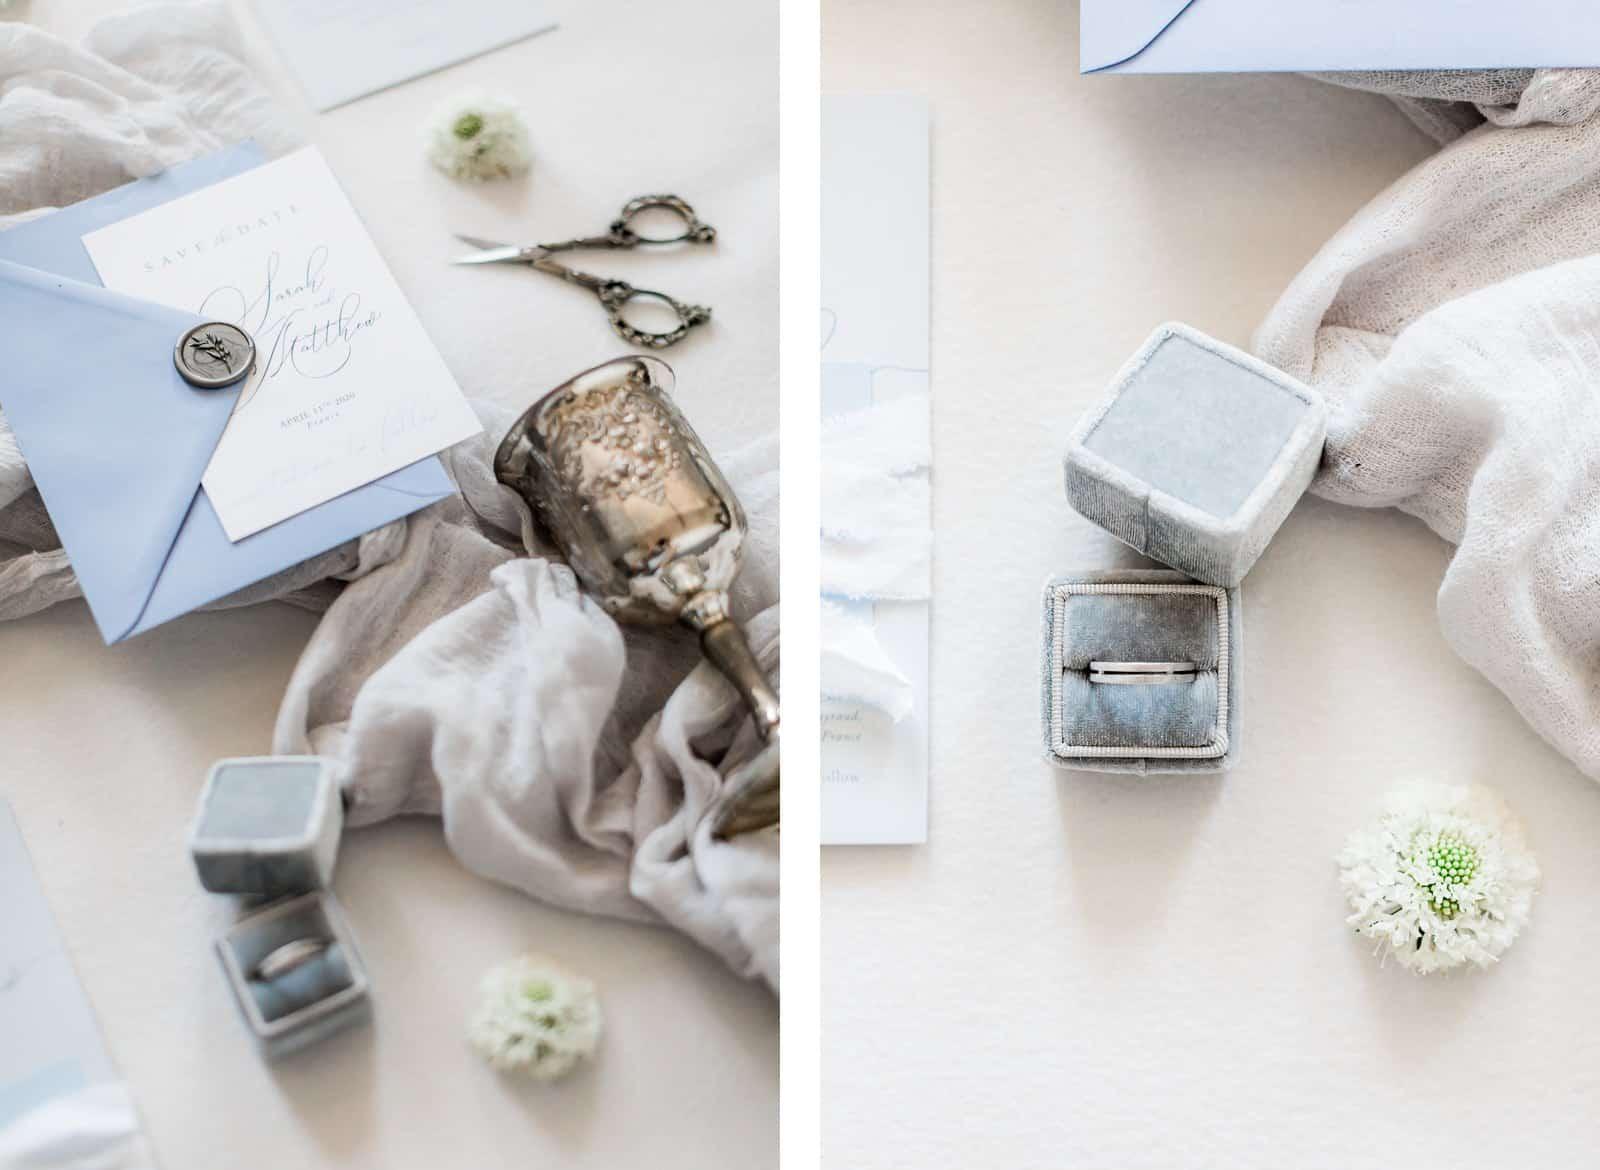 Photographie de Mathieu Dété présentant un flat lay de la papéterie et des objets du mariage